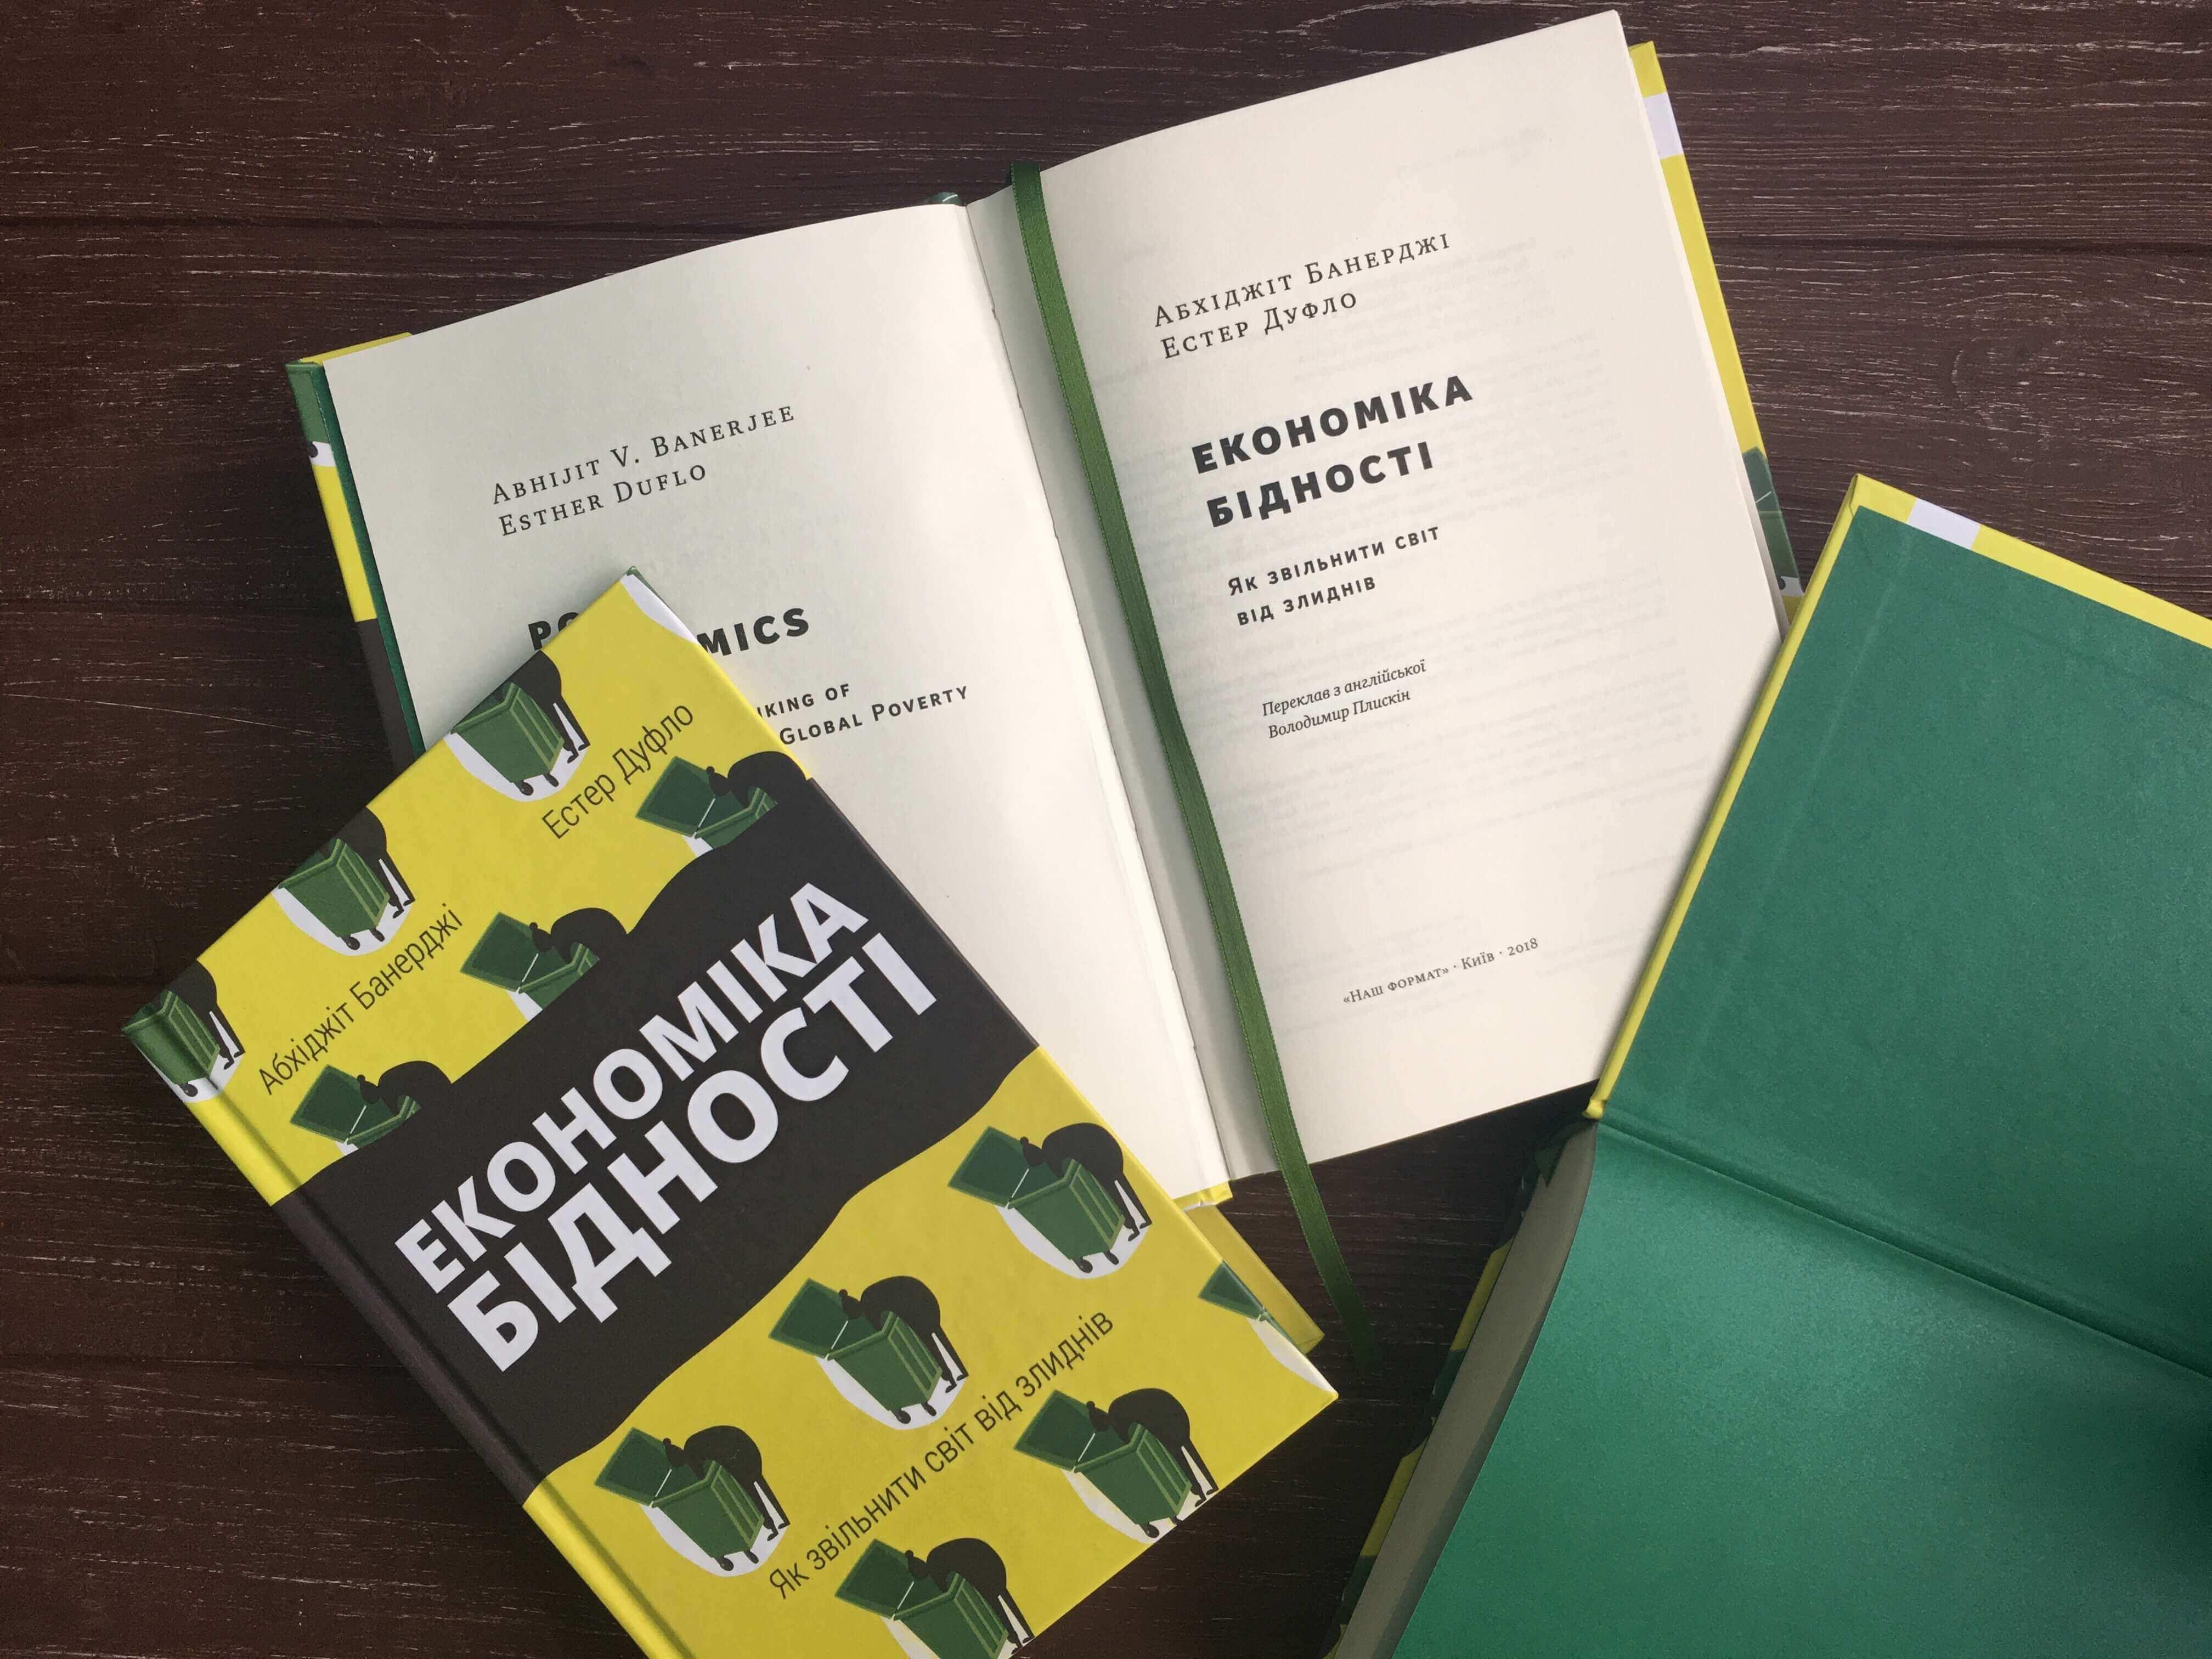 Уривок з книги «Економіка бідності. Як звільнити світ від бідності» Естер Дуфло, Абхіджіт Банерджі